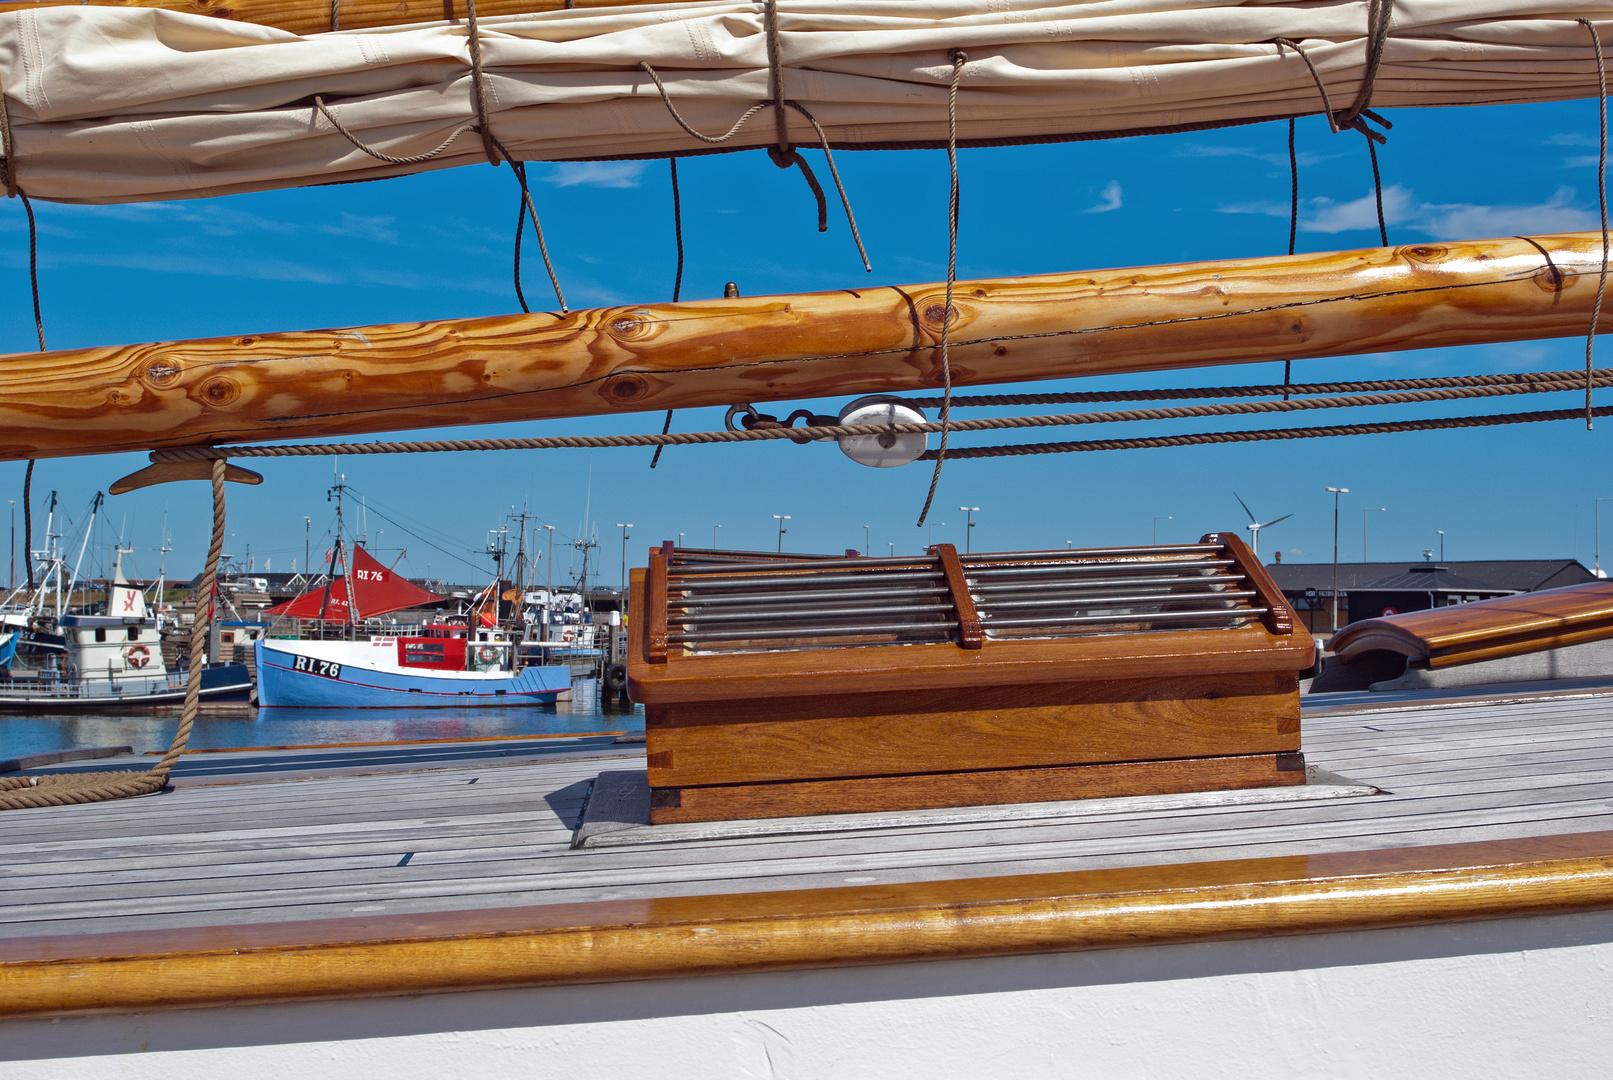 Ruhige Tage im Hafen 2